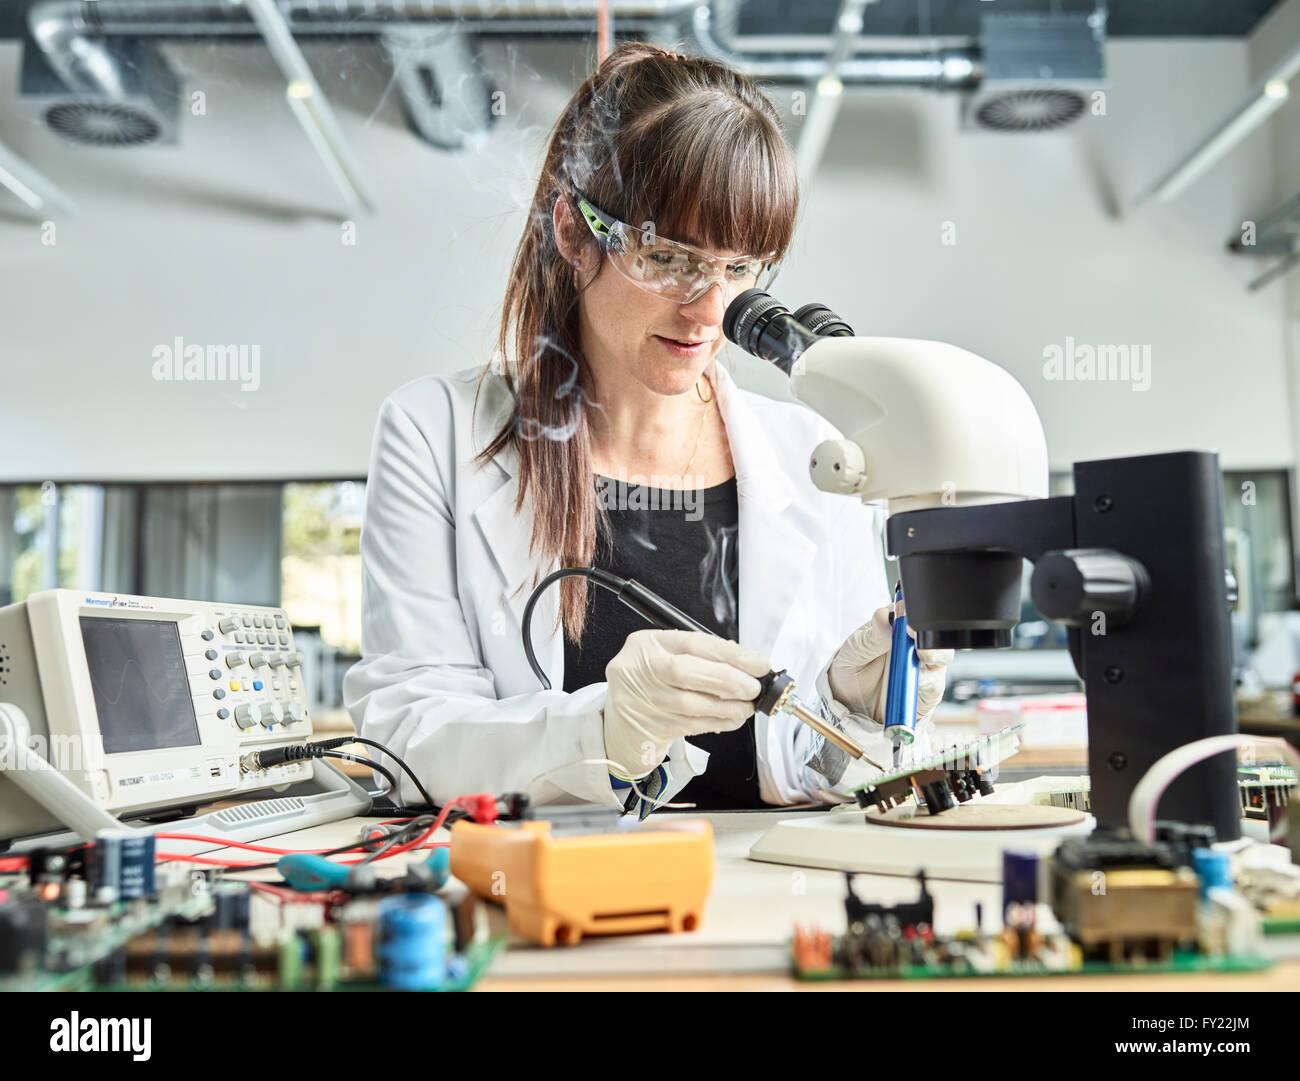 Técnico femenino, de 20-25 años, con una bata blanca de laboratorio, soldadura de una placa de circuito Imagen De Stock